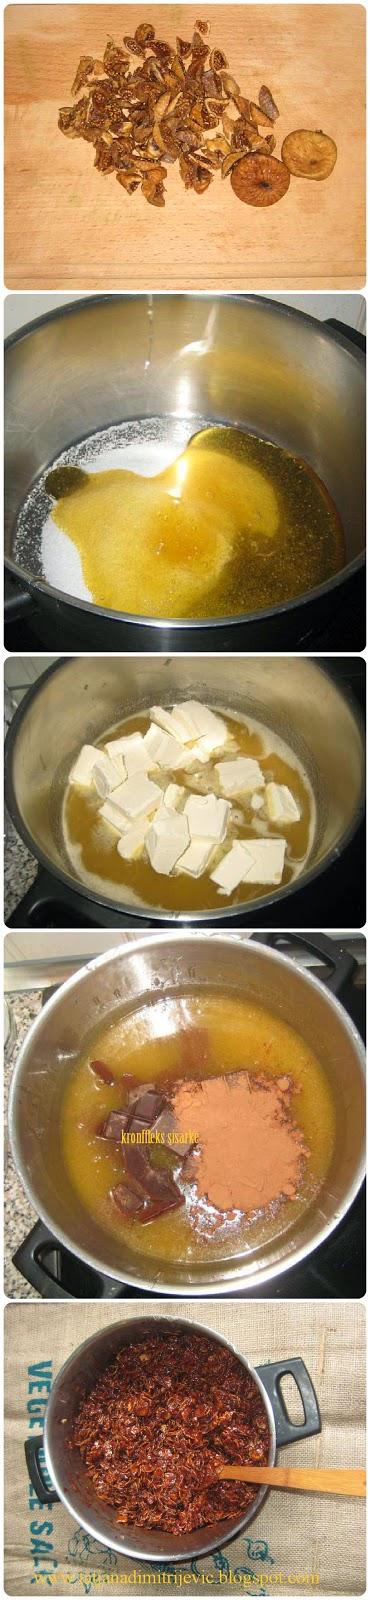 Cornflakes sisarke kolac